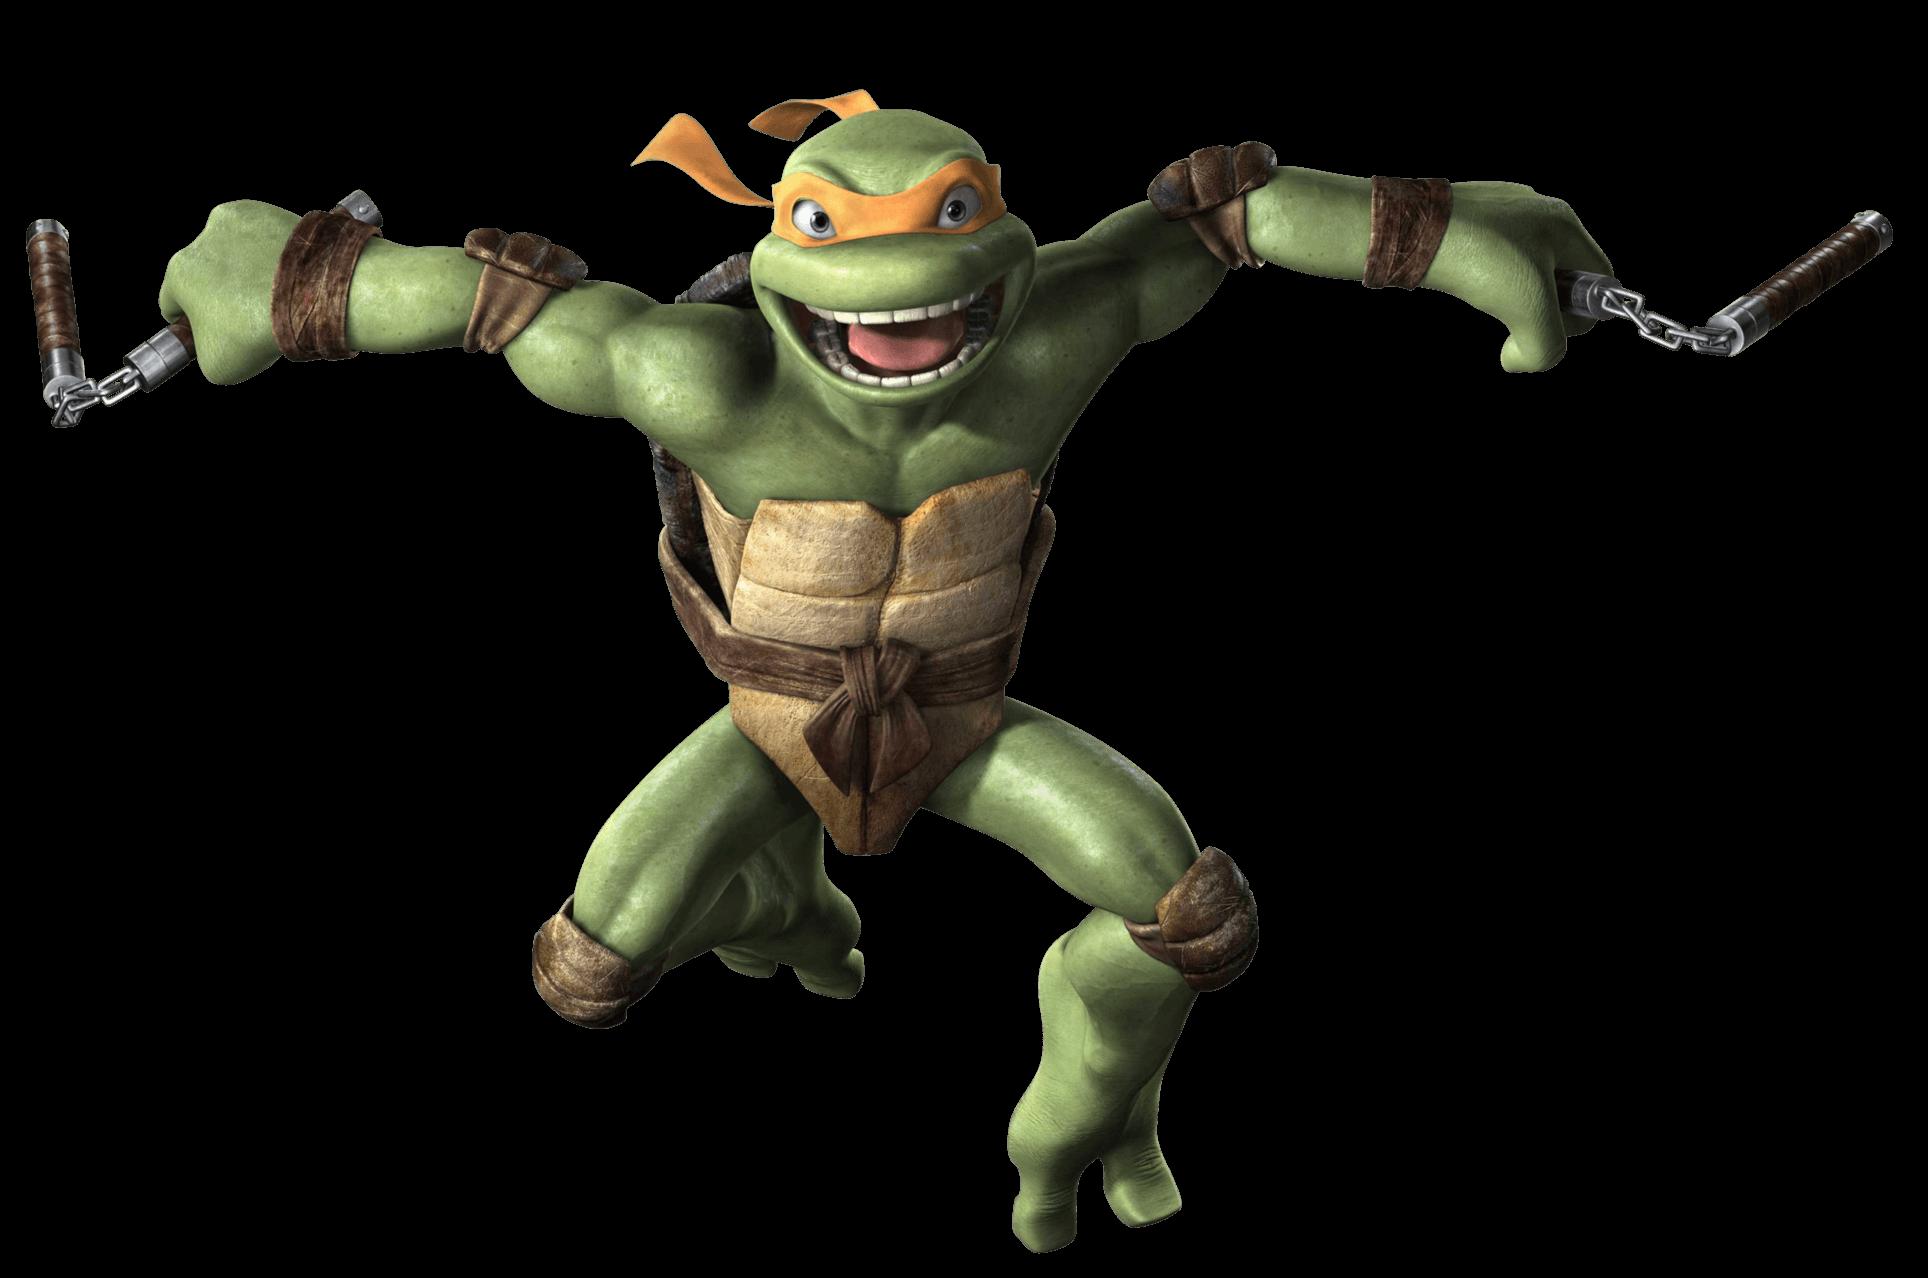 Ninja Turtle Png Image Tartarugas Ninjas Ninja Tartaruga